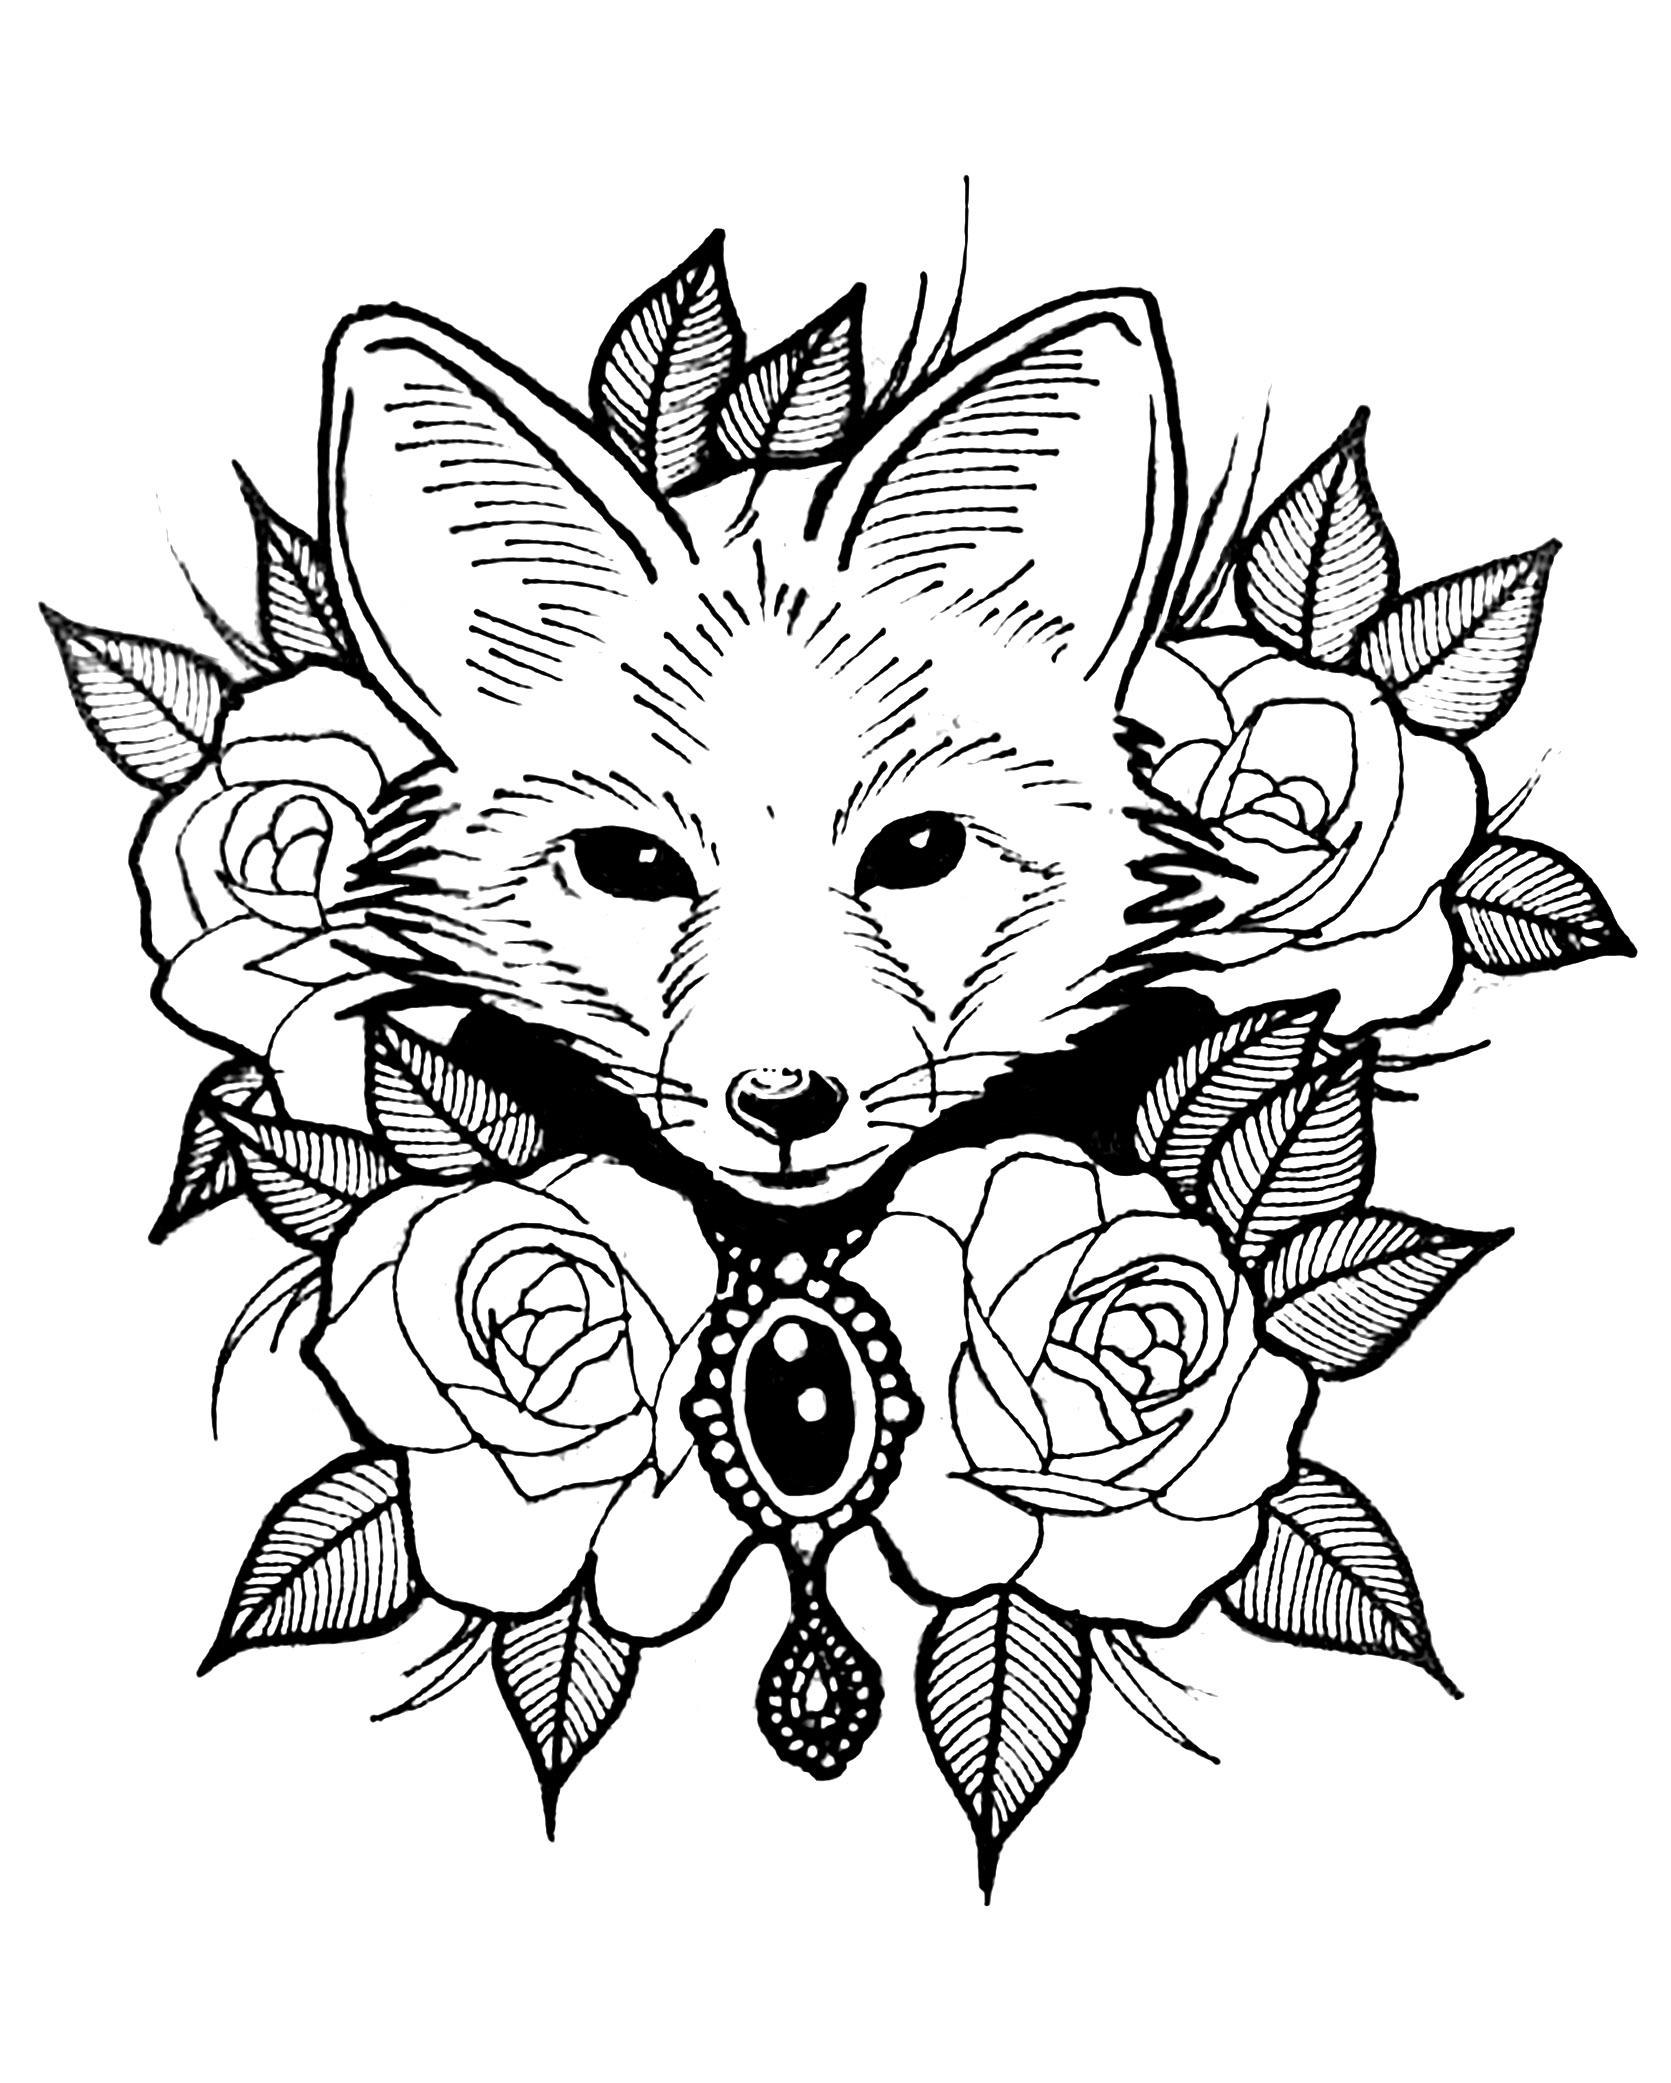 Tranh tô màu con cáo và hoa hồng